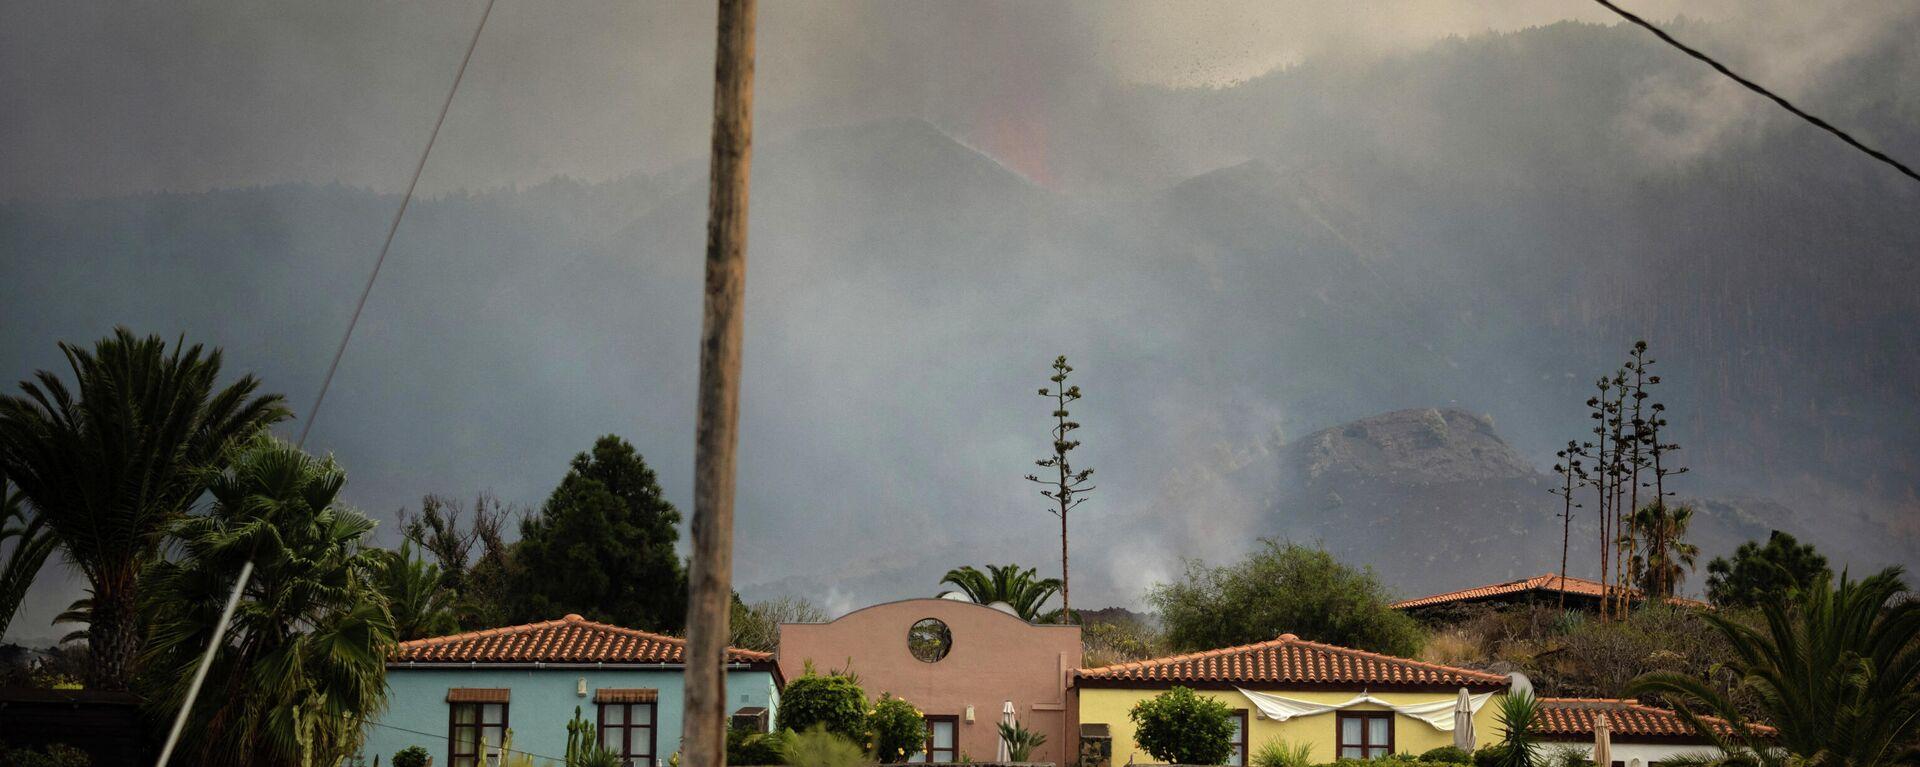 Todoque, una de las localidades más afectadas por la erupción volcánica de Cumbre Vieja (La Palma) - Sputnik Mundo, 1920, 27.09.2021